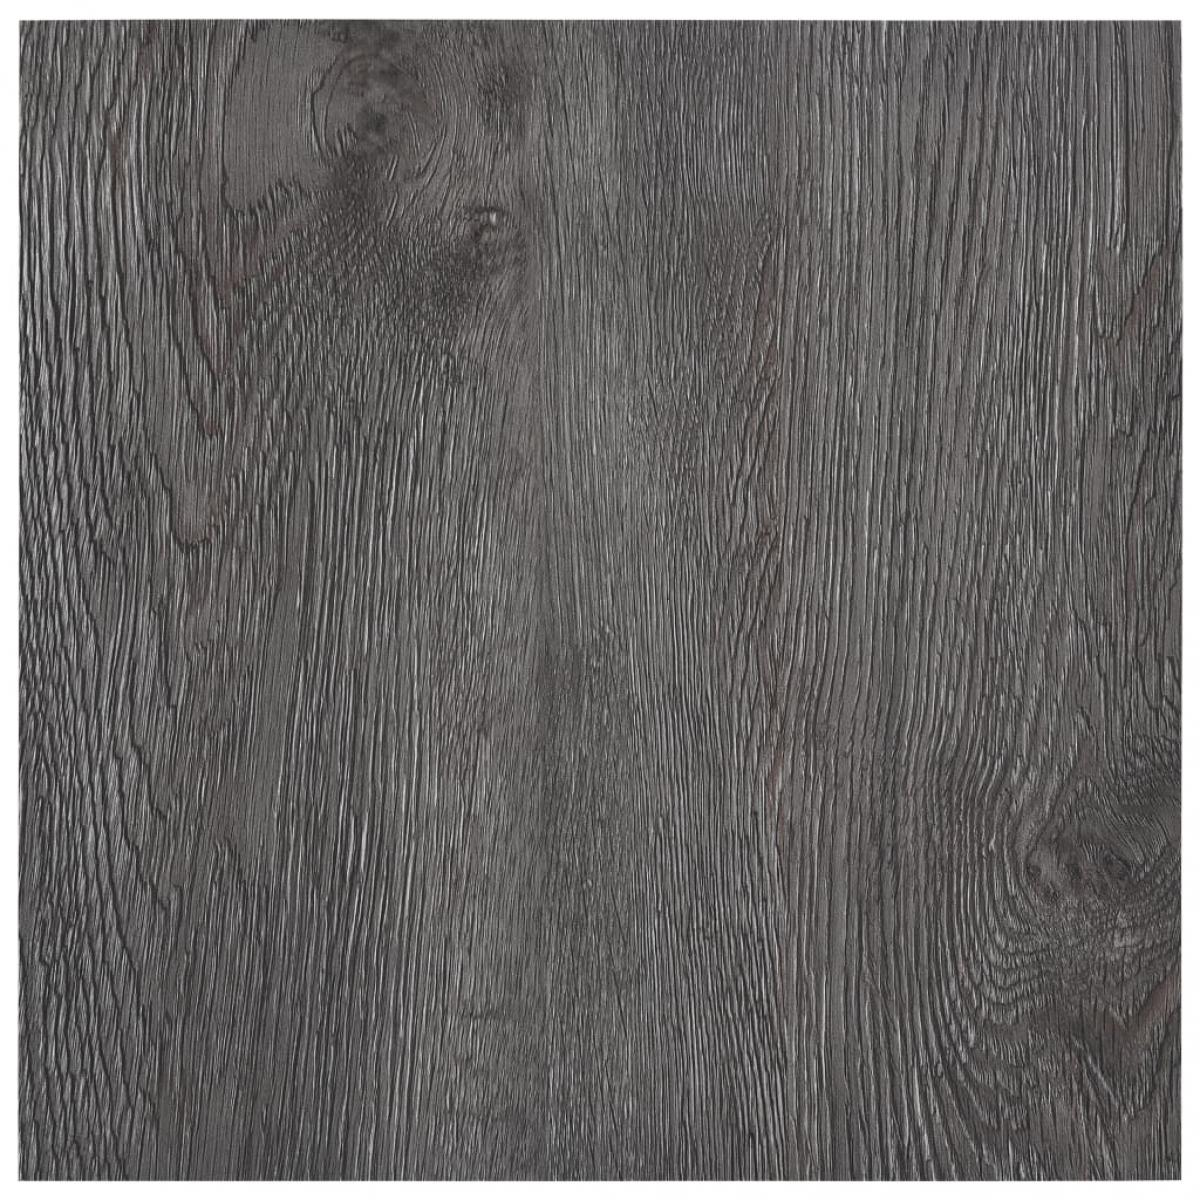 Vidaxl vidaXL Planches de plancher autoadhésives 5,11 m² PVC Marron